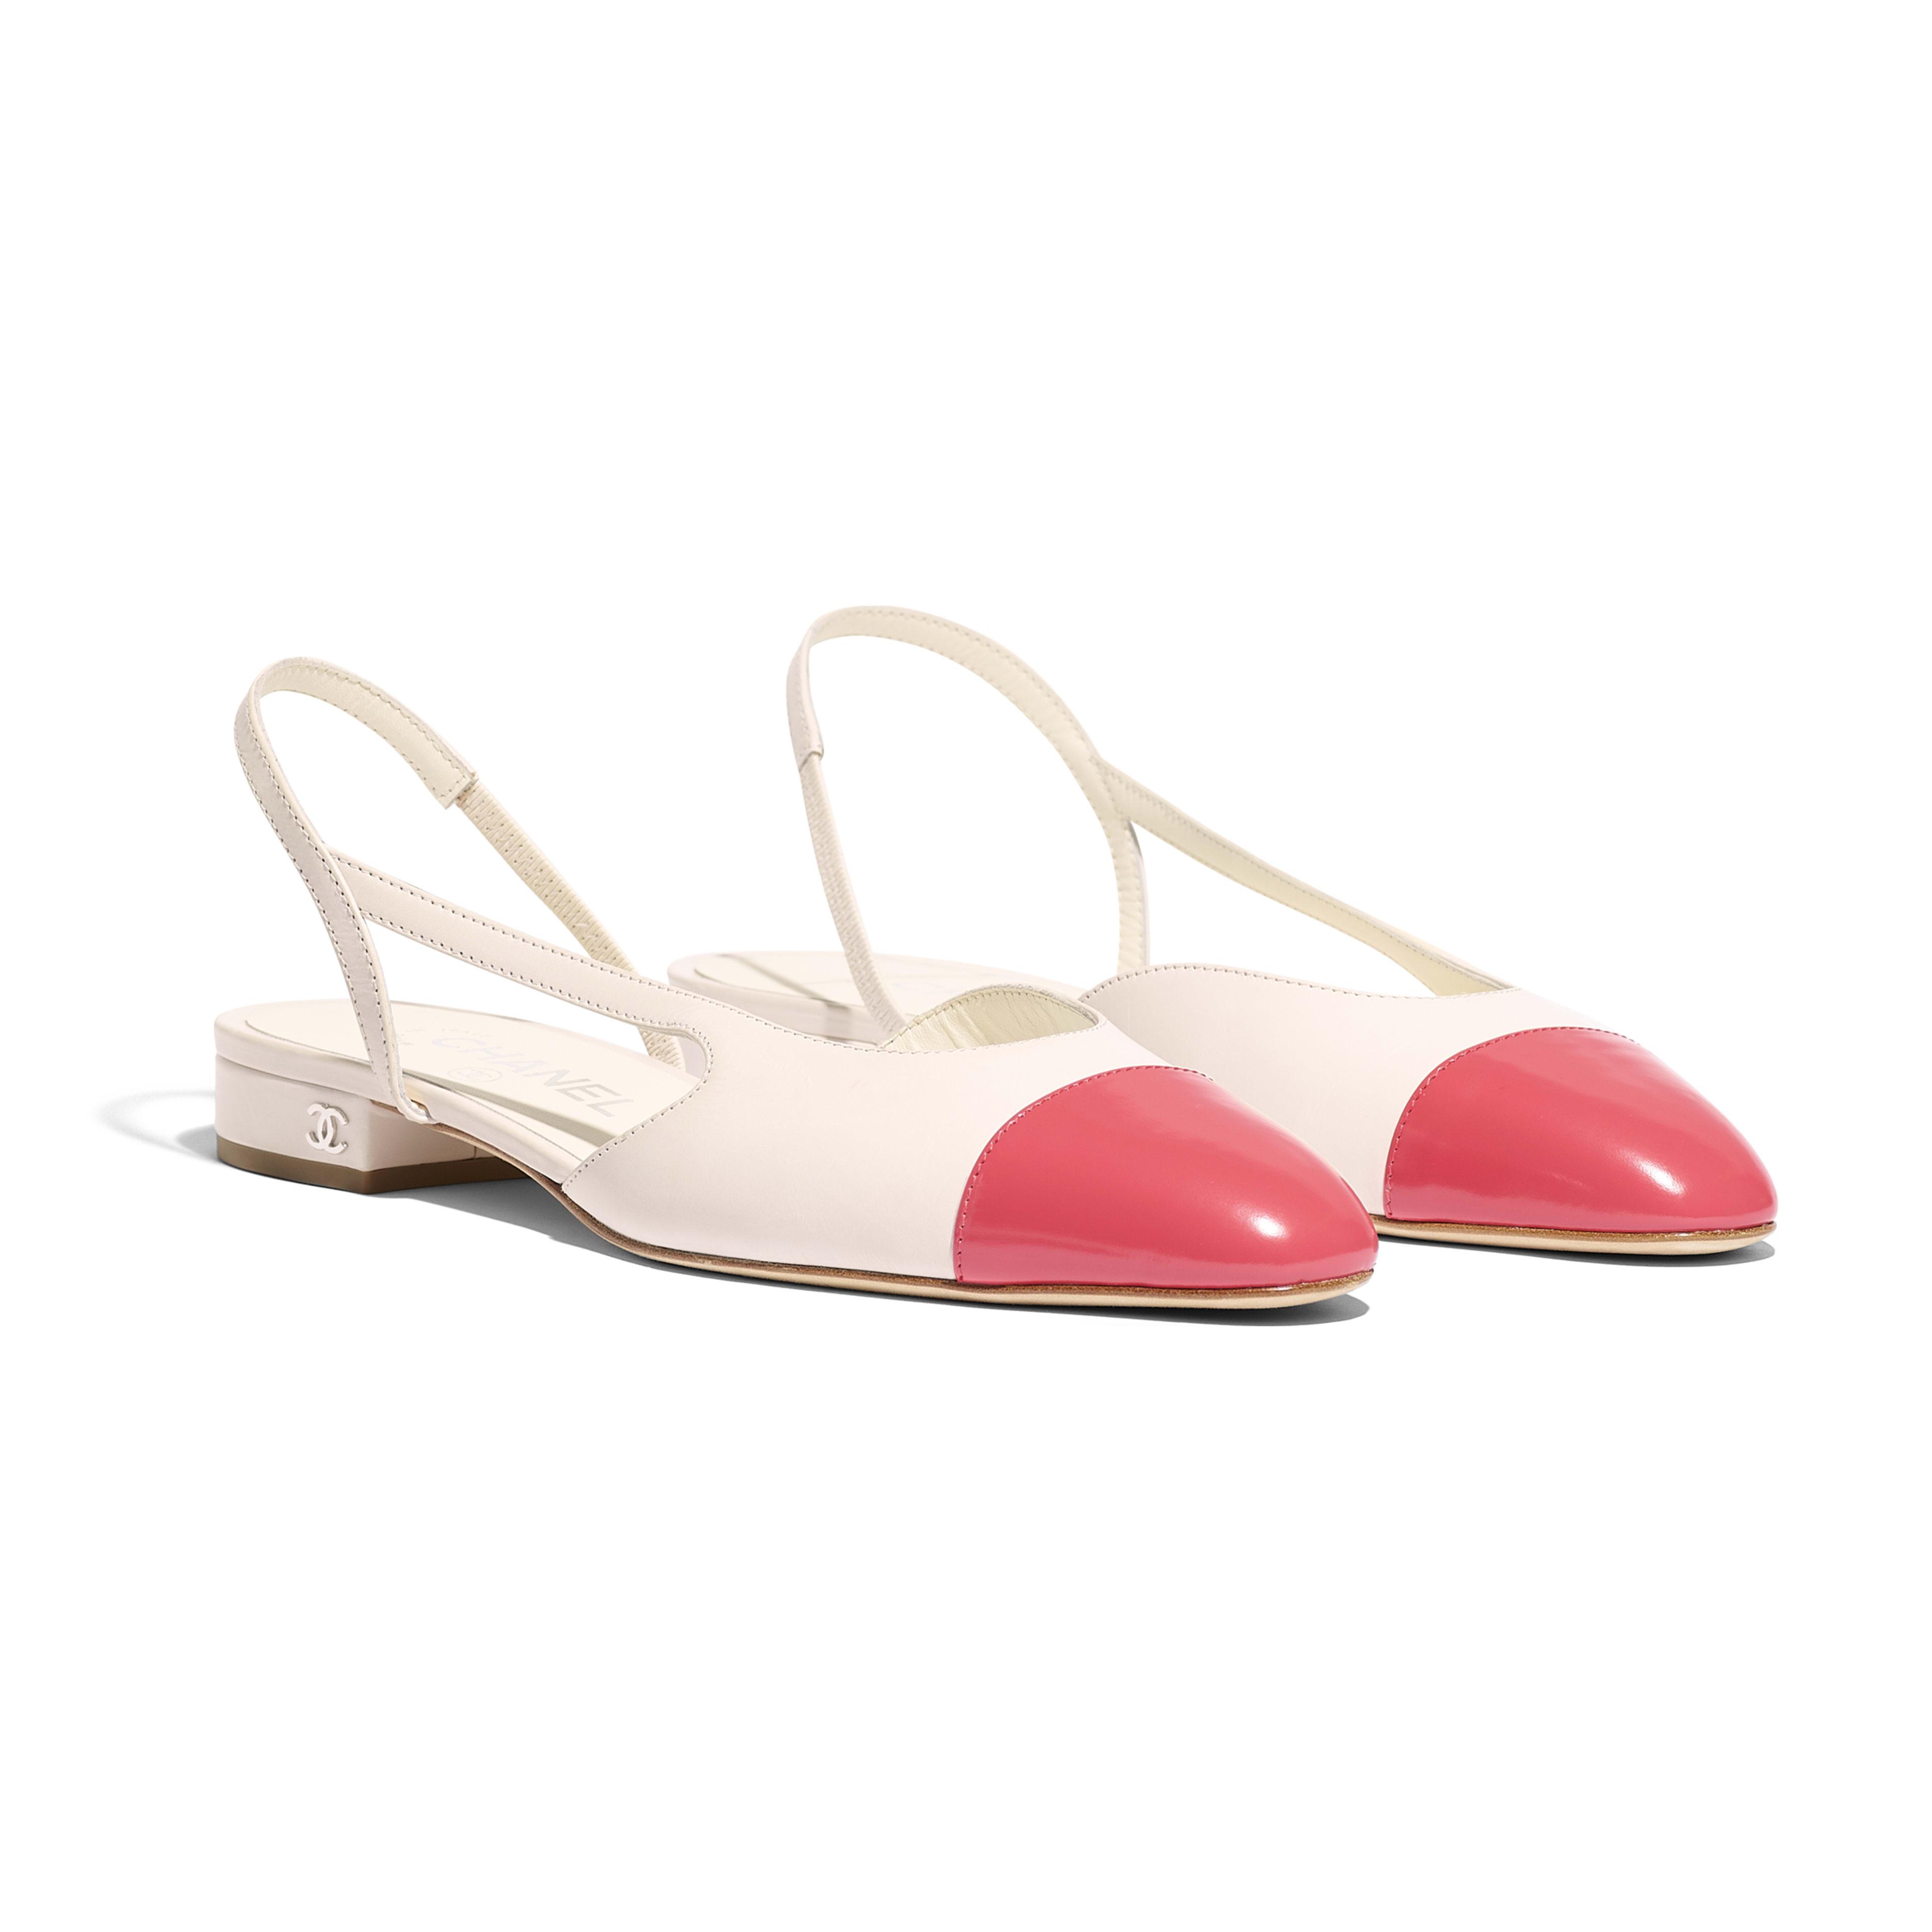 Slingbacks - White & Red - Calfskin & Glazed Calfskin - Alternative view - see full sized version